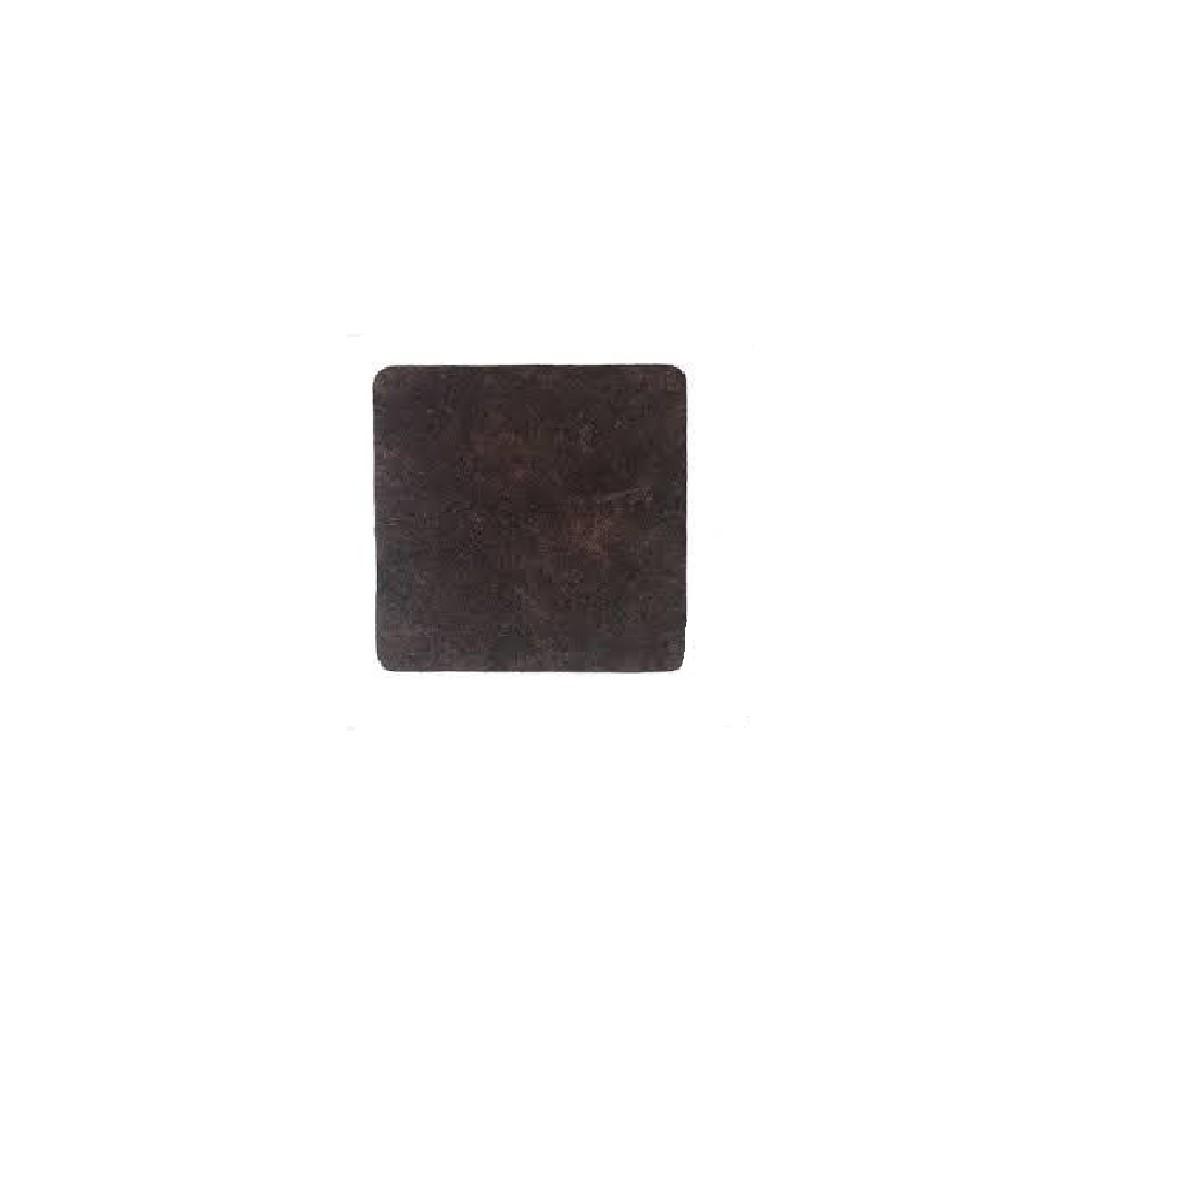 Placa Fibra de Coco 40x40cm 2005 - Coquim